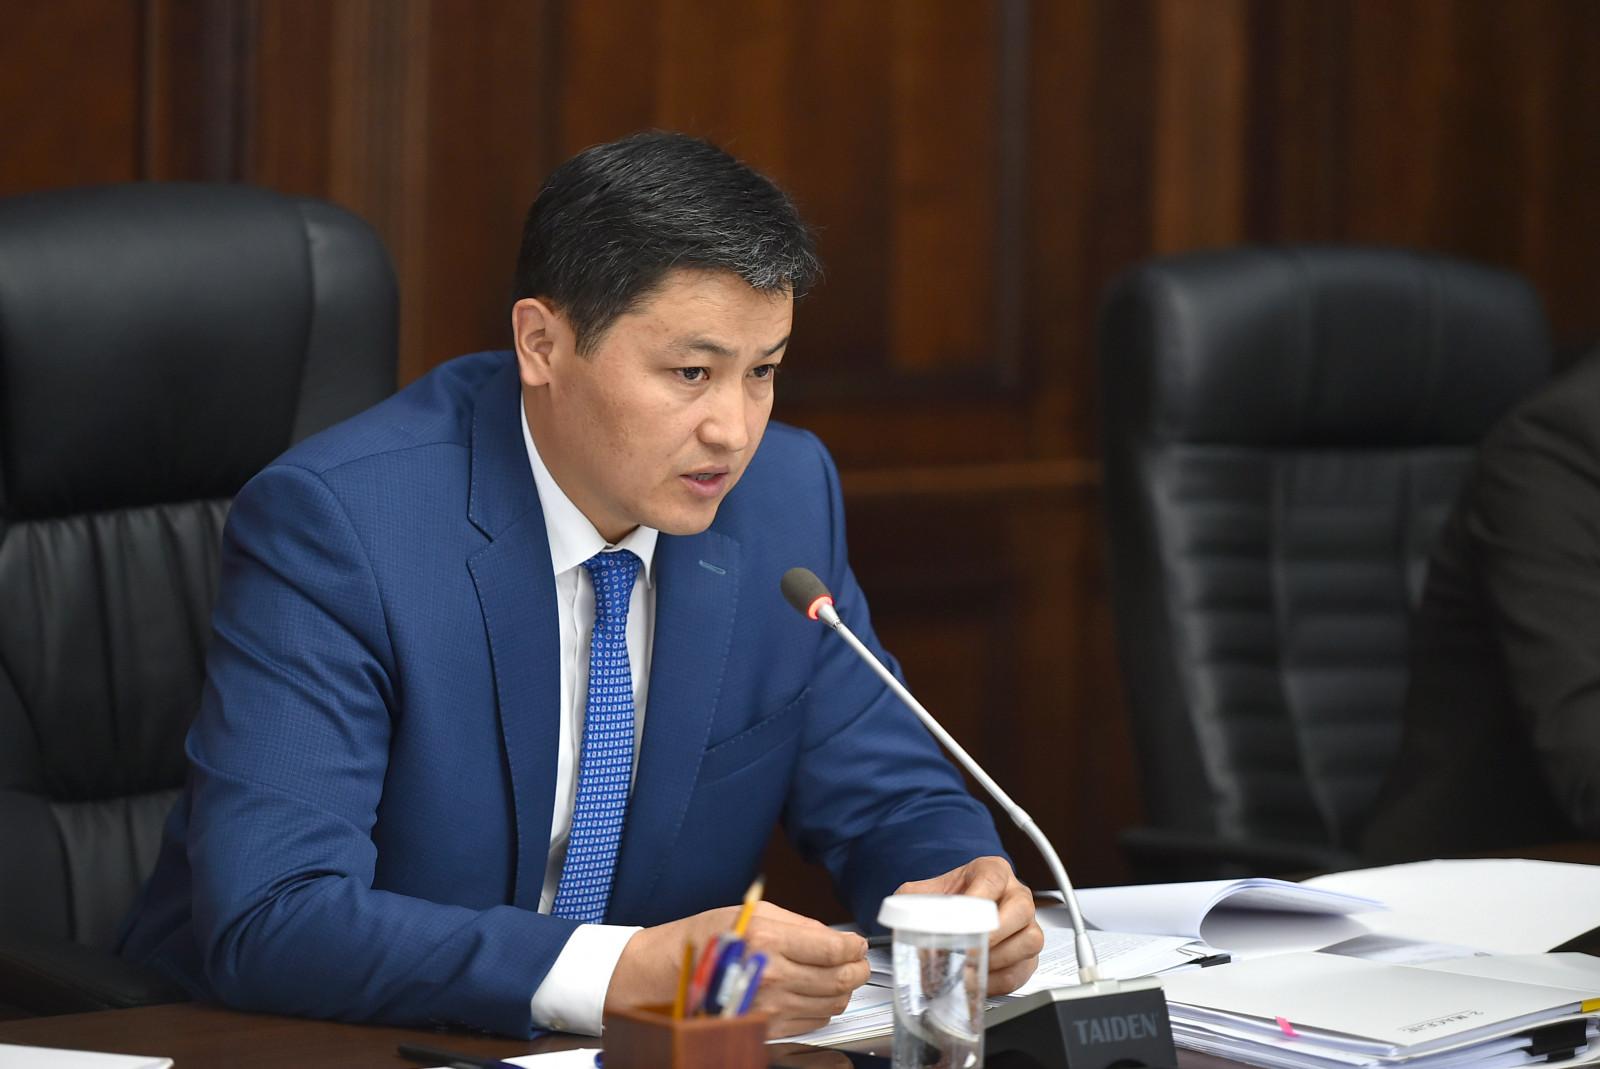 Марипов: Экономикада оң жылыштар бар, бирок чече турган маселелер дагы арбын